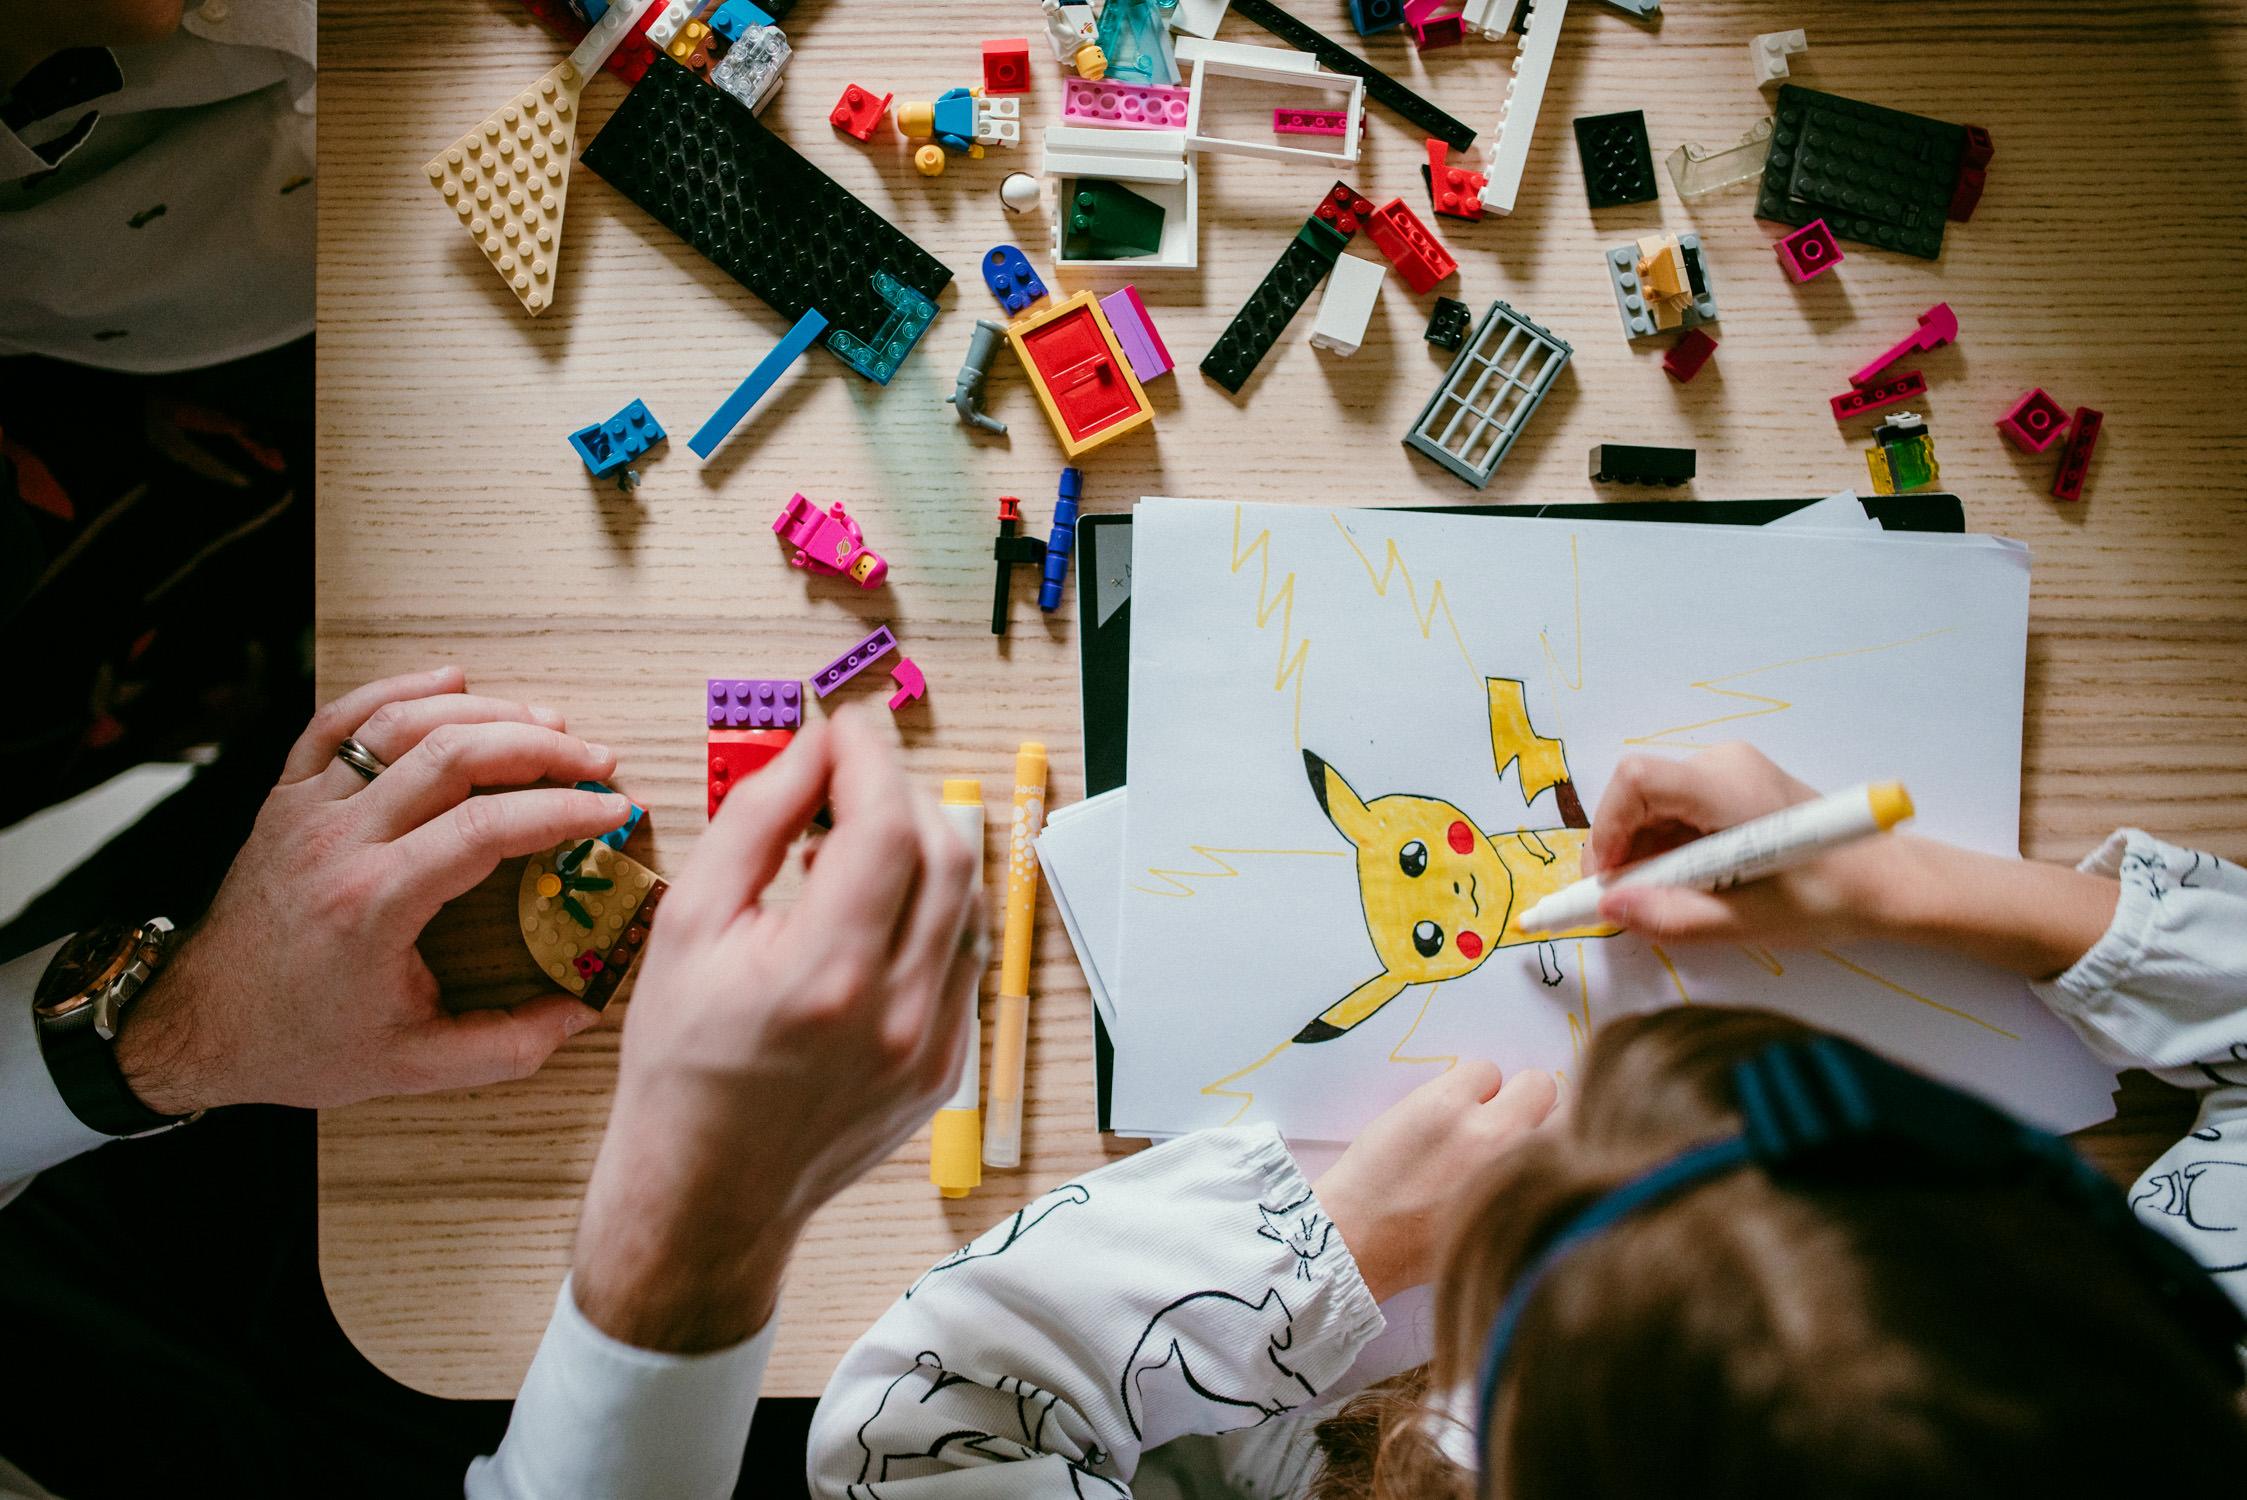 c'est une photo prise de dessus. on y voit des legos, des mains et le dessin qu'a fait la petite fille.